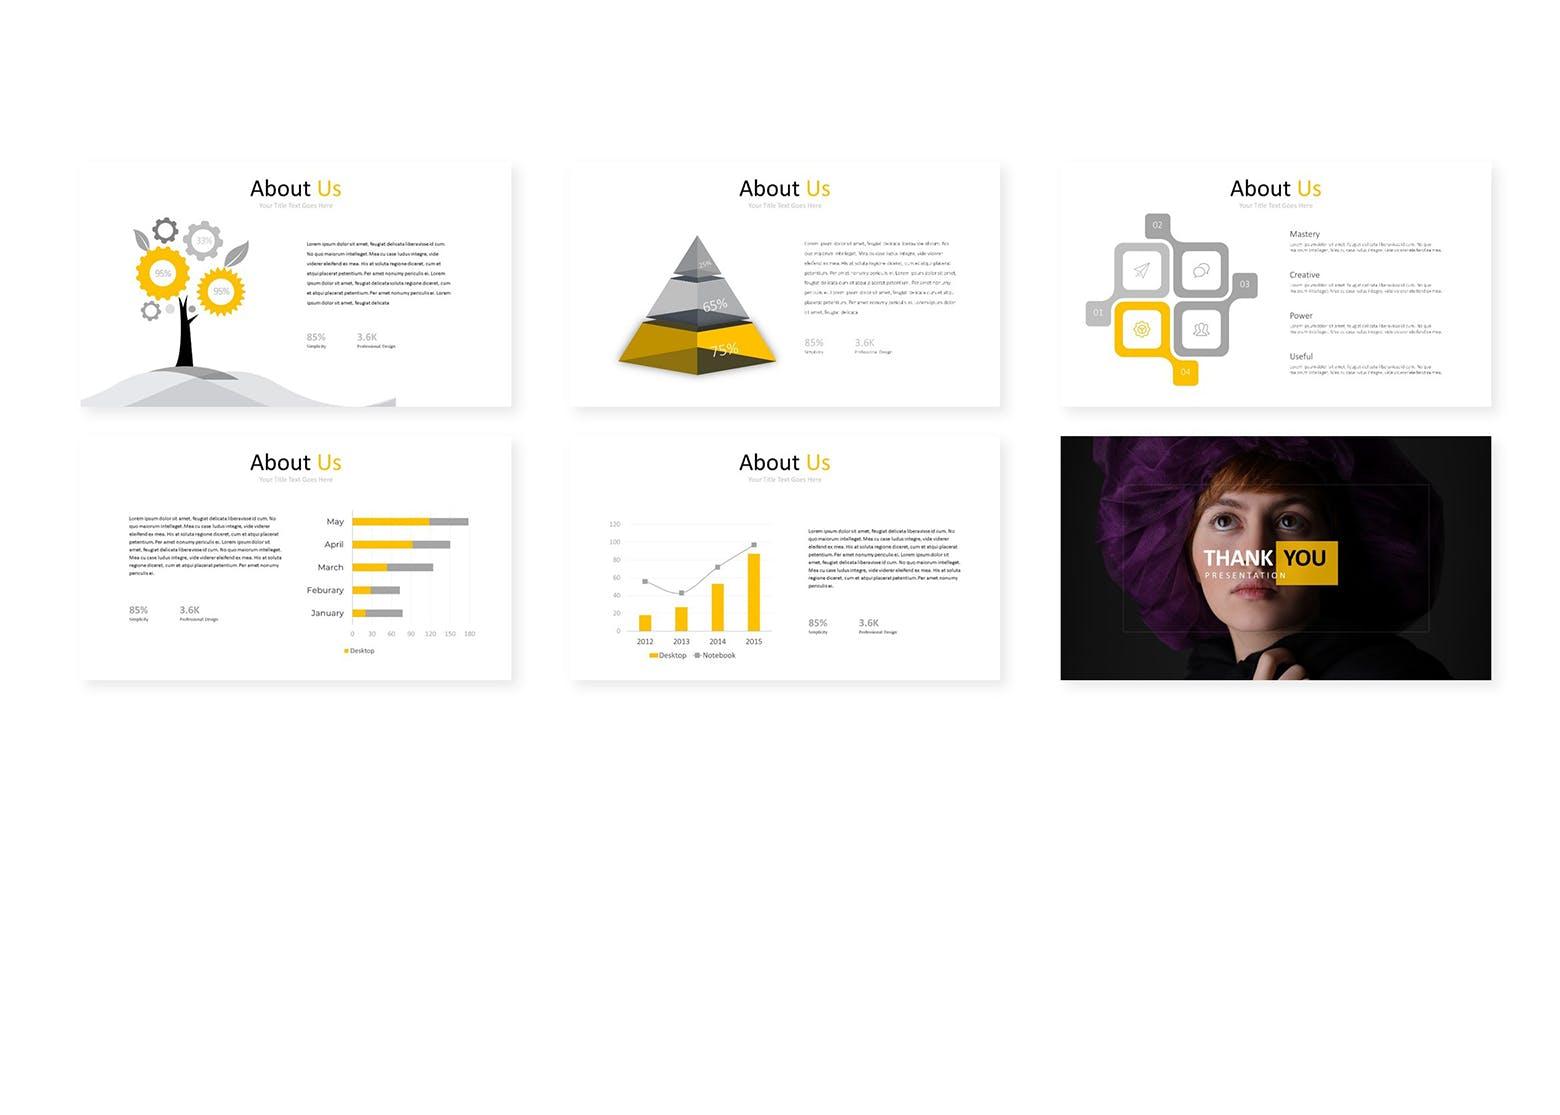 企业主题演讲PPT幻灯片模板Gord Google Slides Template插图(3)